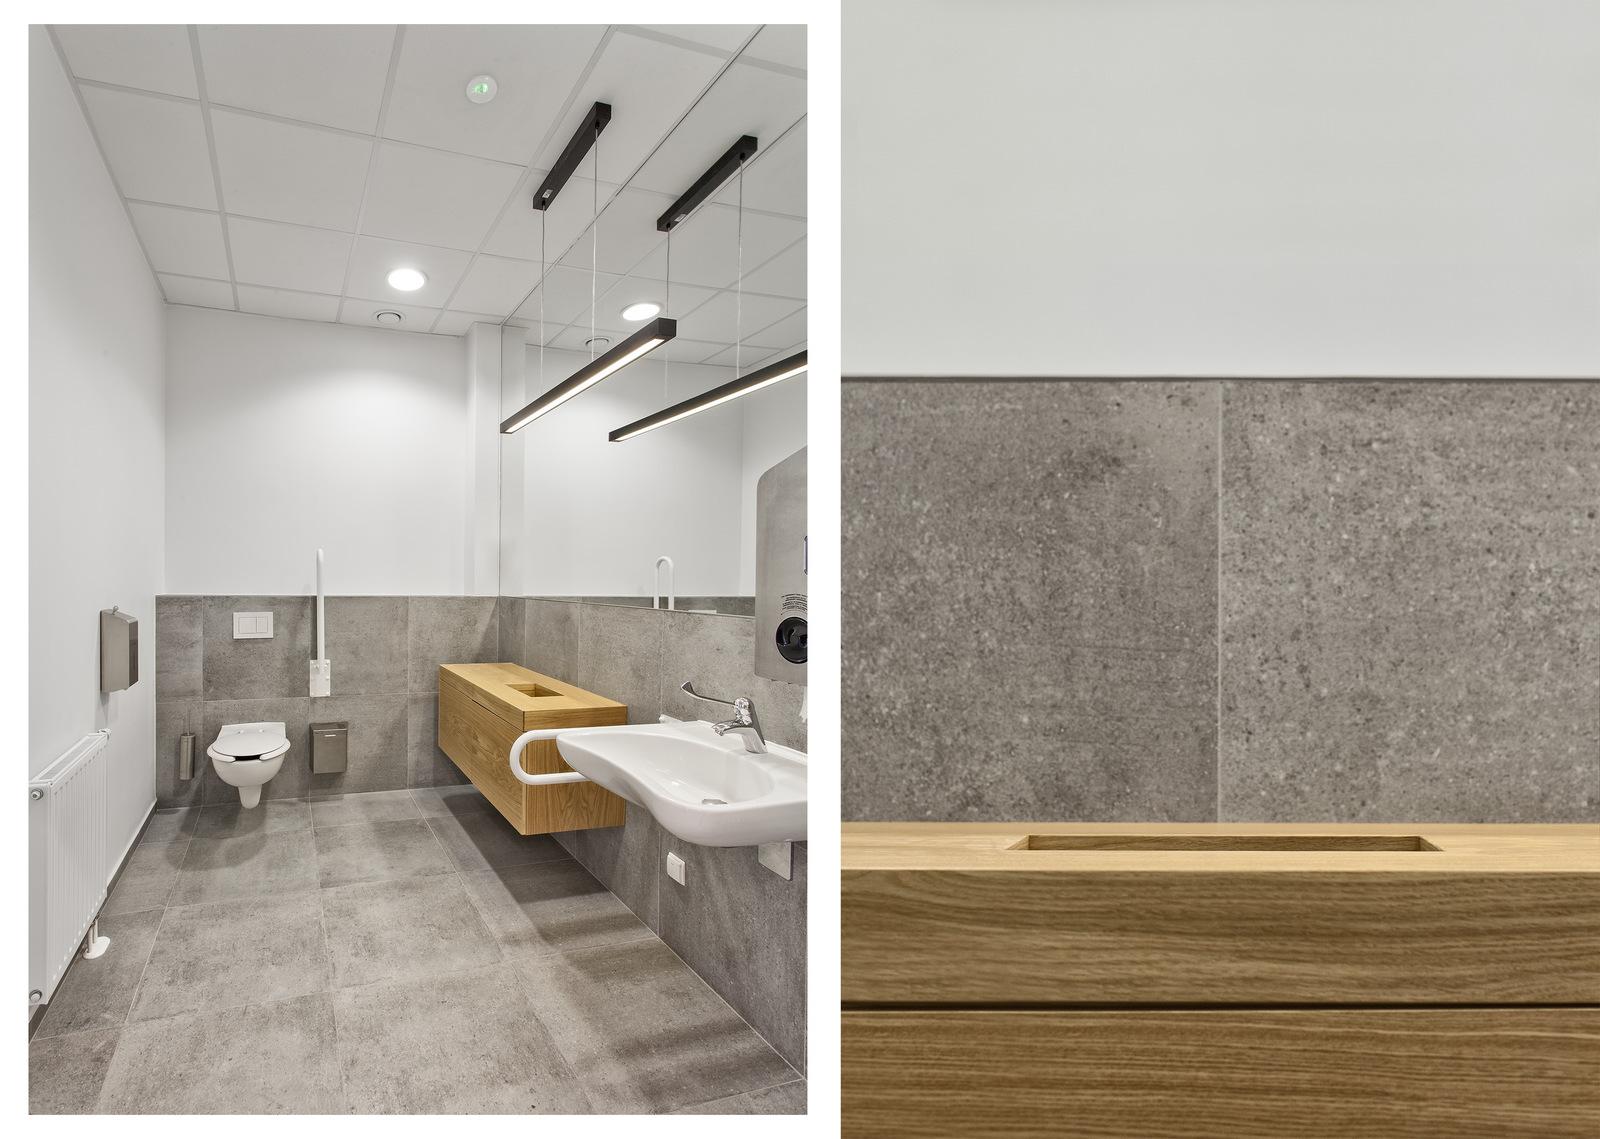 Łazienka - wnętrza firmy POLNET